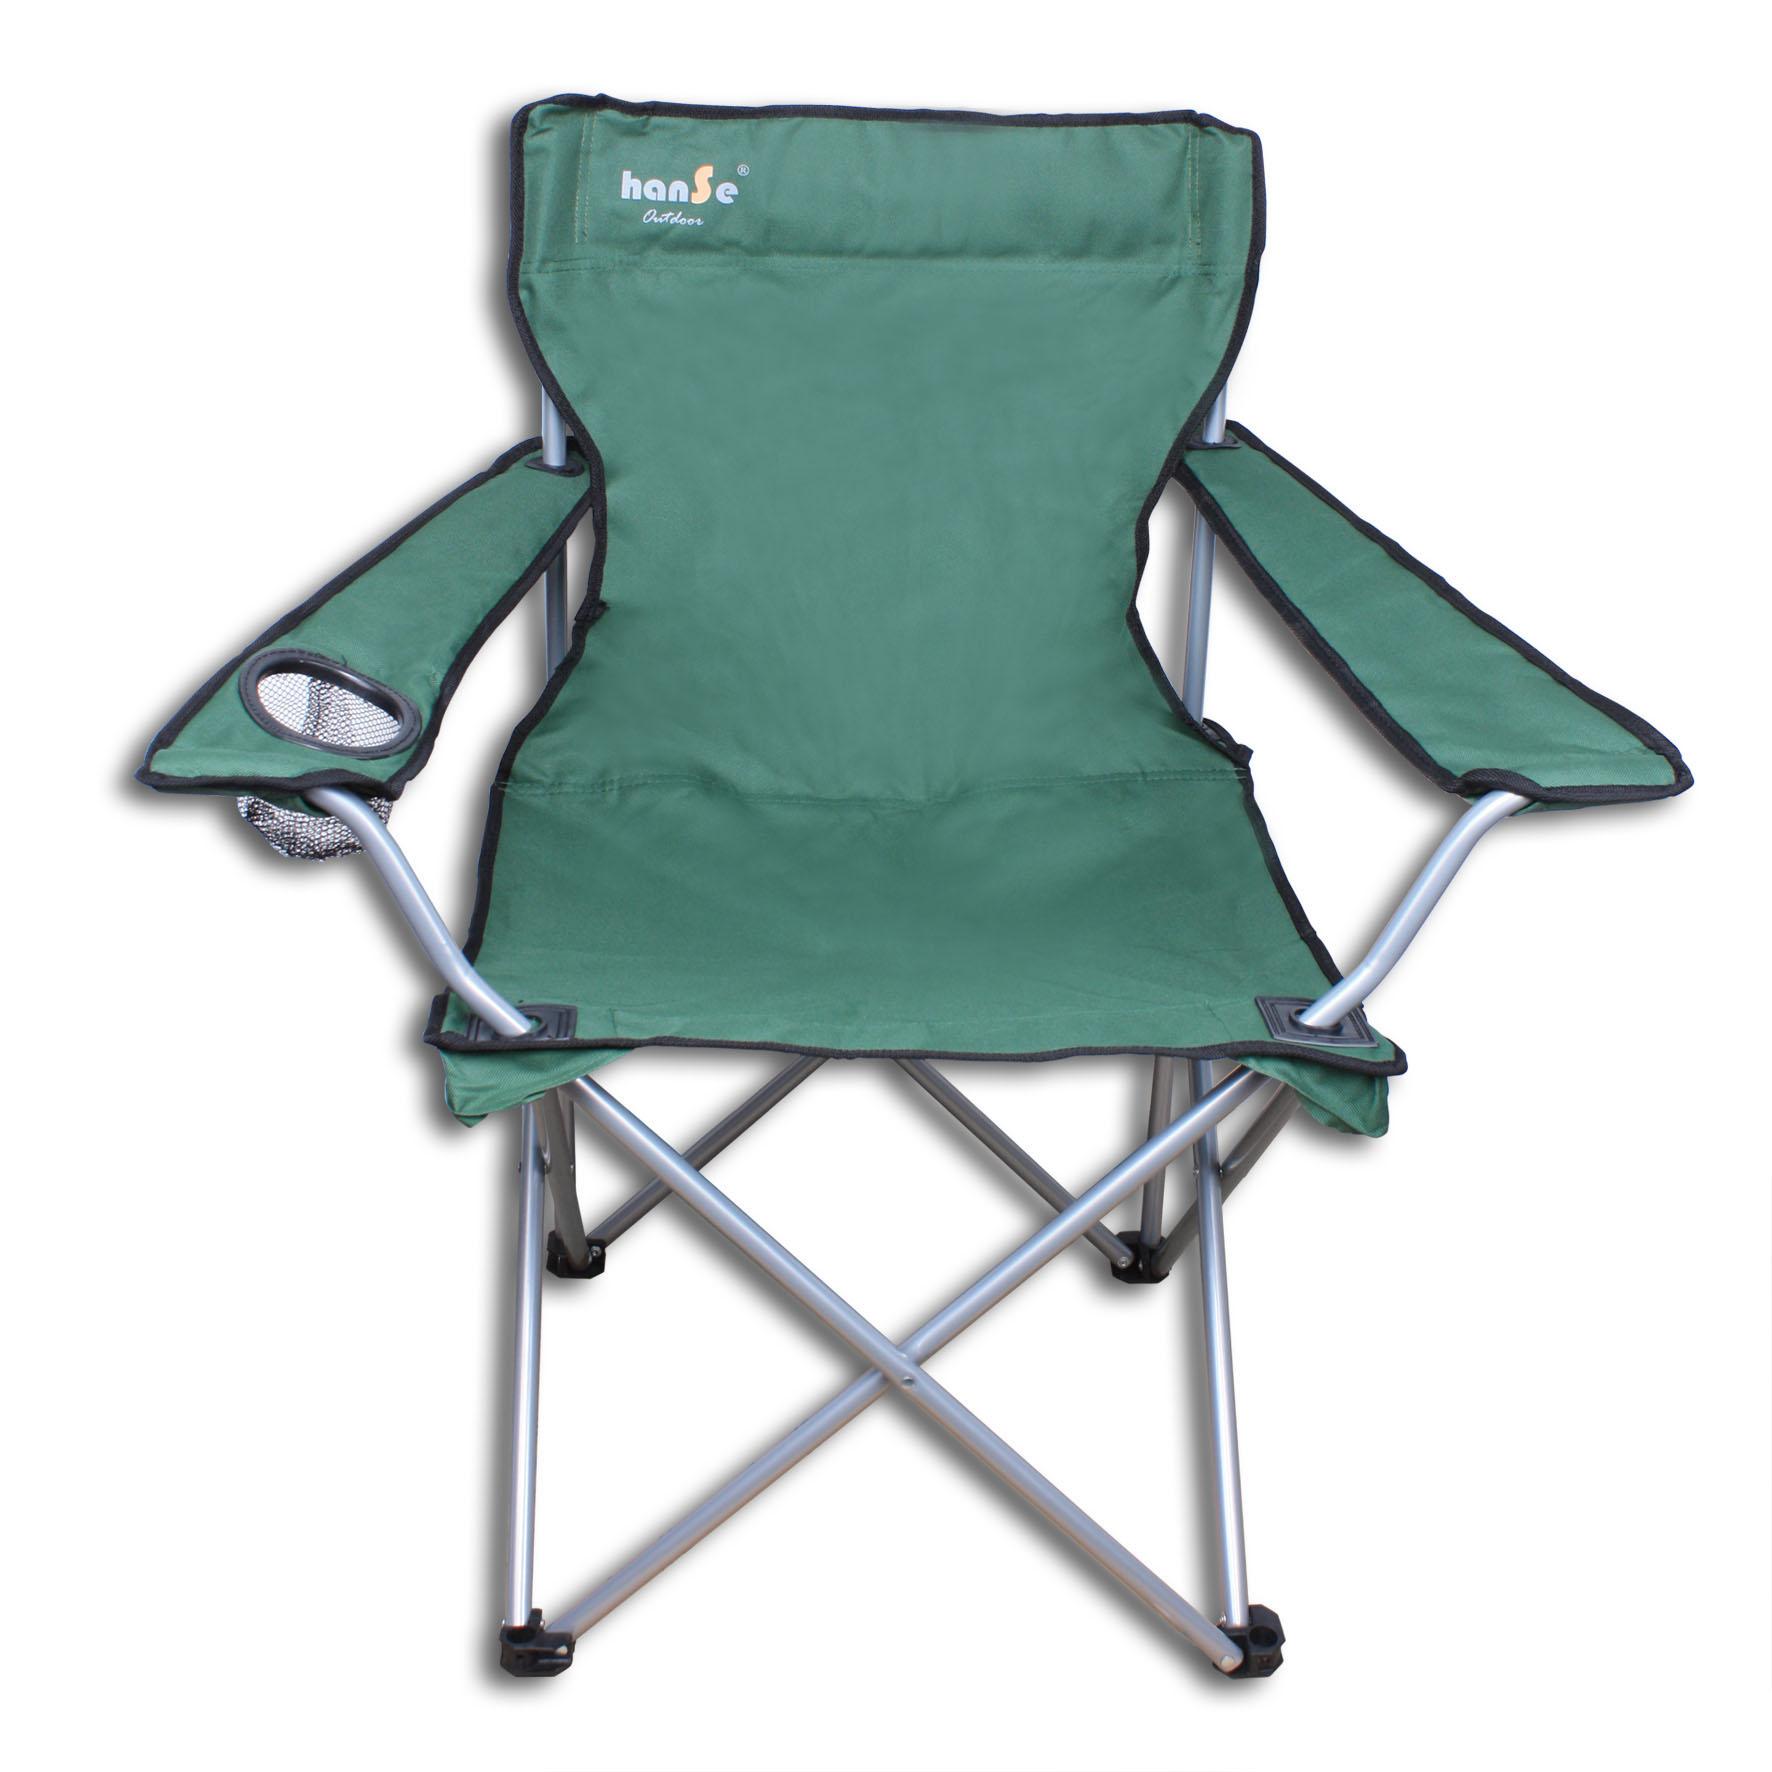 hanse klappstuhl campingstuhl faltstuhl bis 100kg gr n. Black Bedroom Furniture Sets. Home Design Ideas